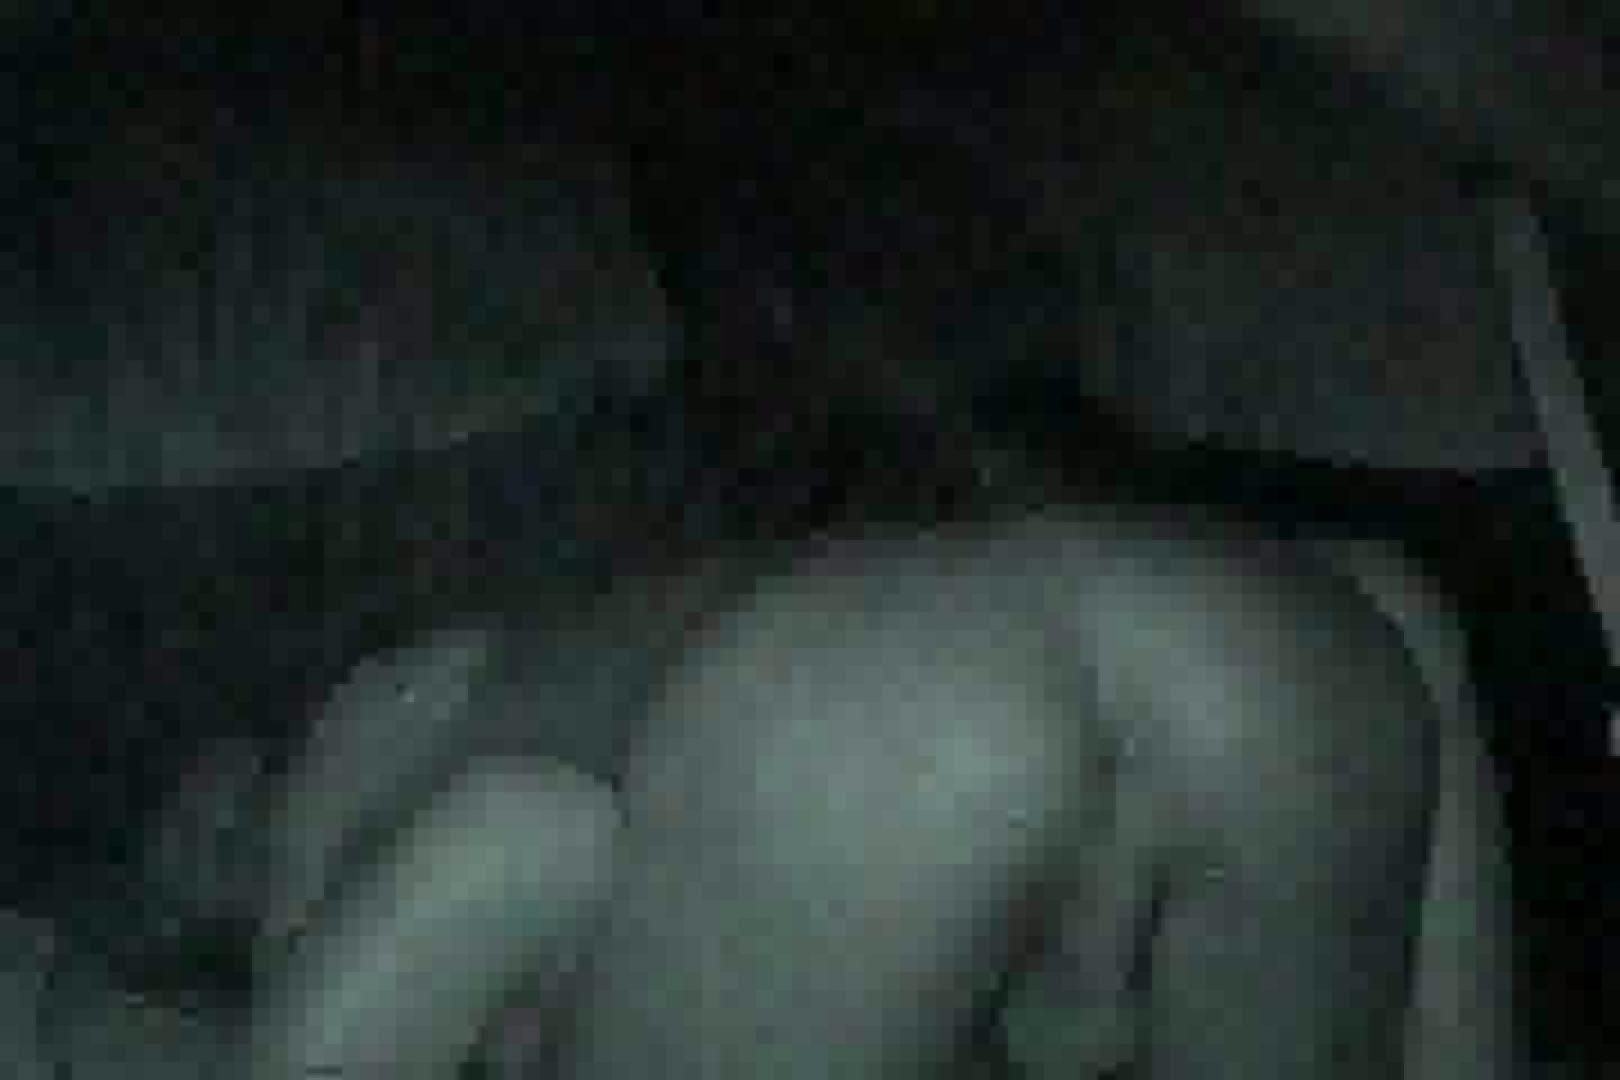 充血監督の深夜の運動会Vol.31 エロティックなOL  94画像 84